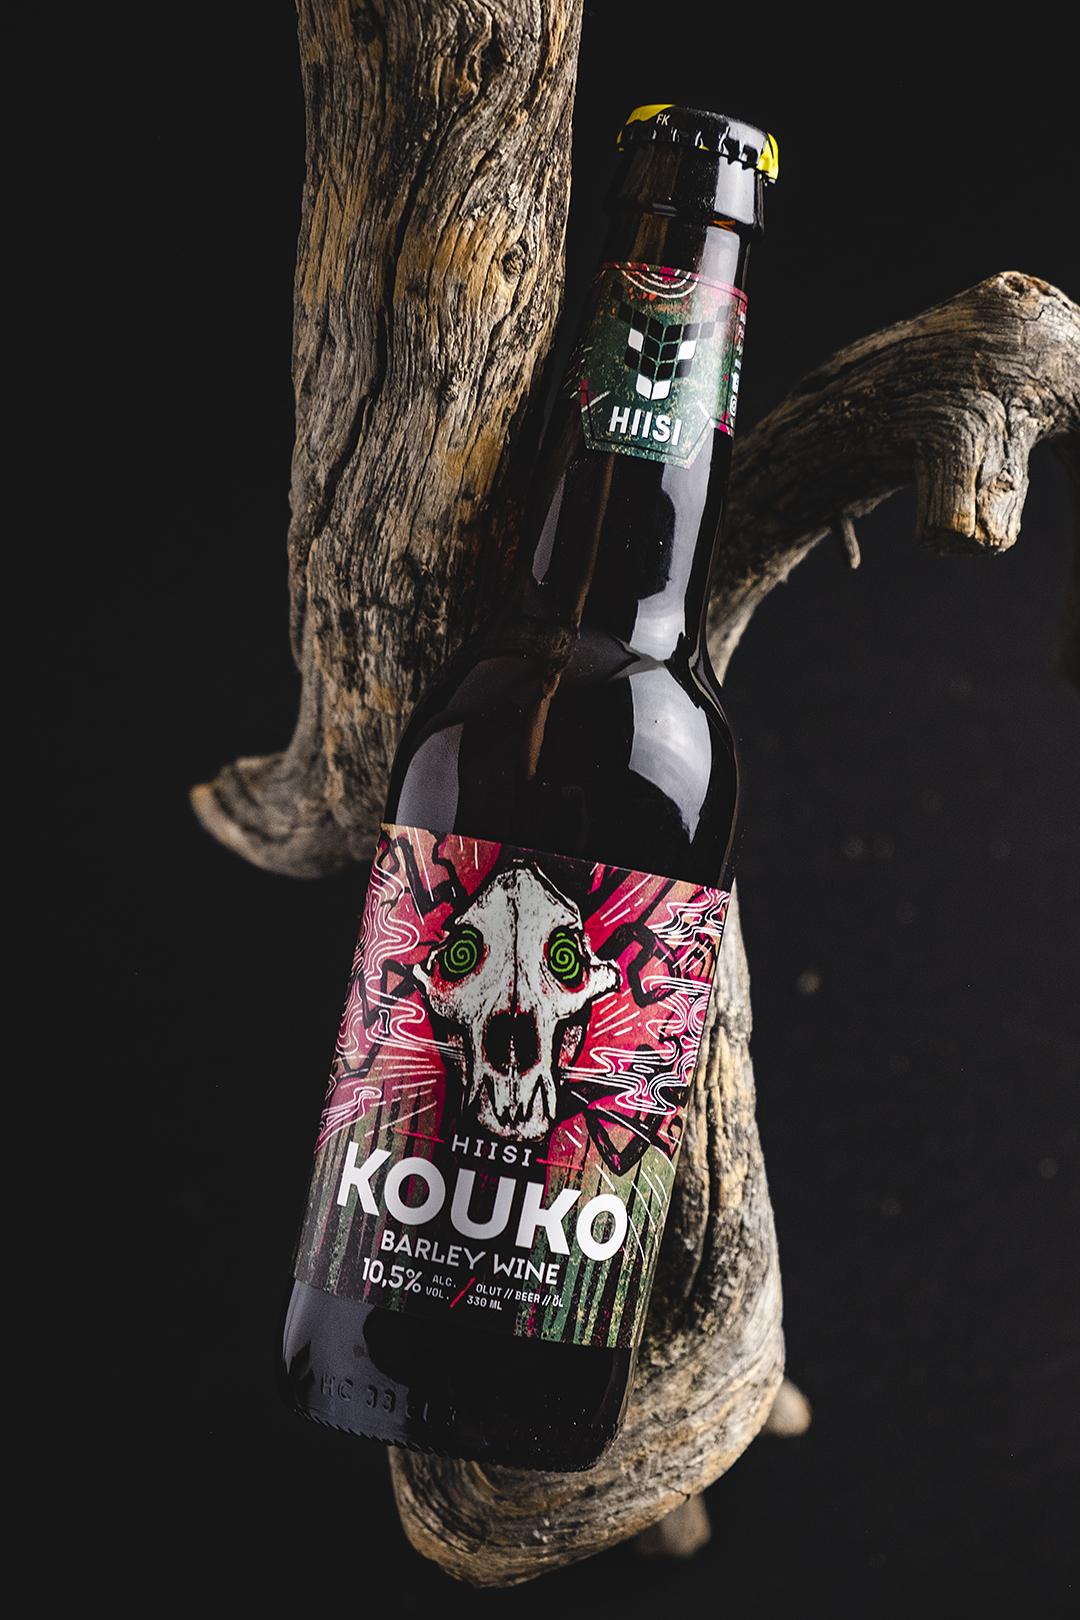 Kouko6